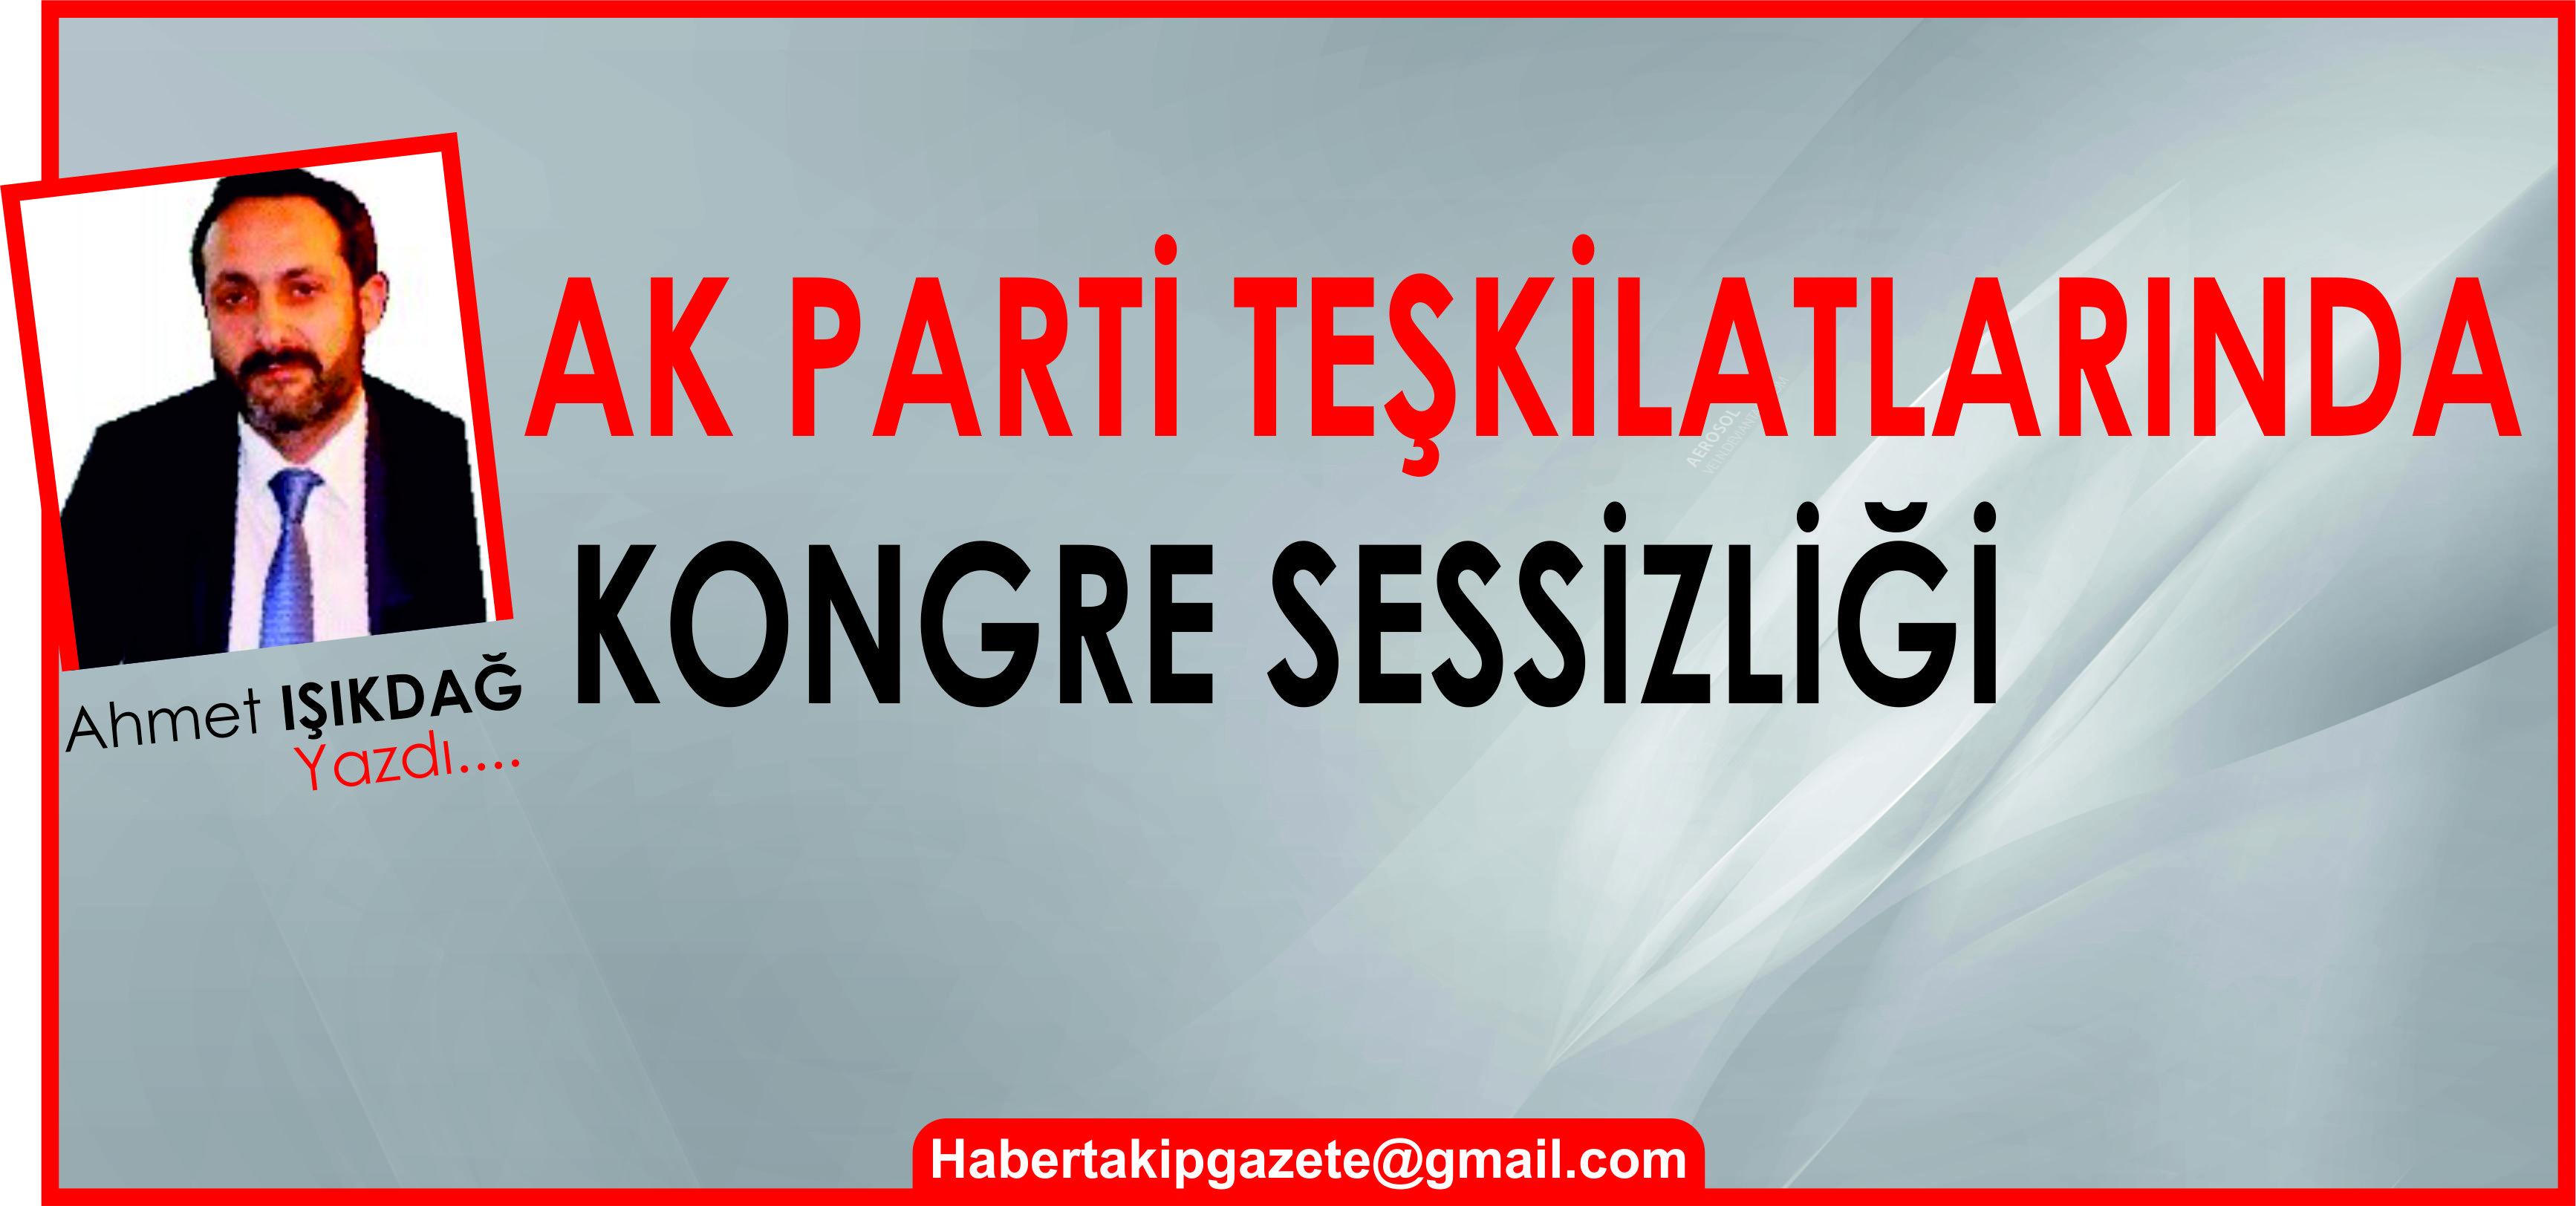 AK PARTİ TEŞKİLATLARINDA KONGRE SESSİZLİĞİ